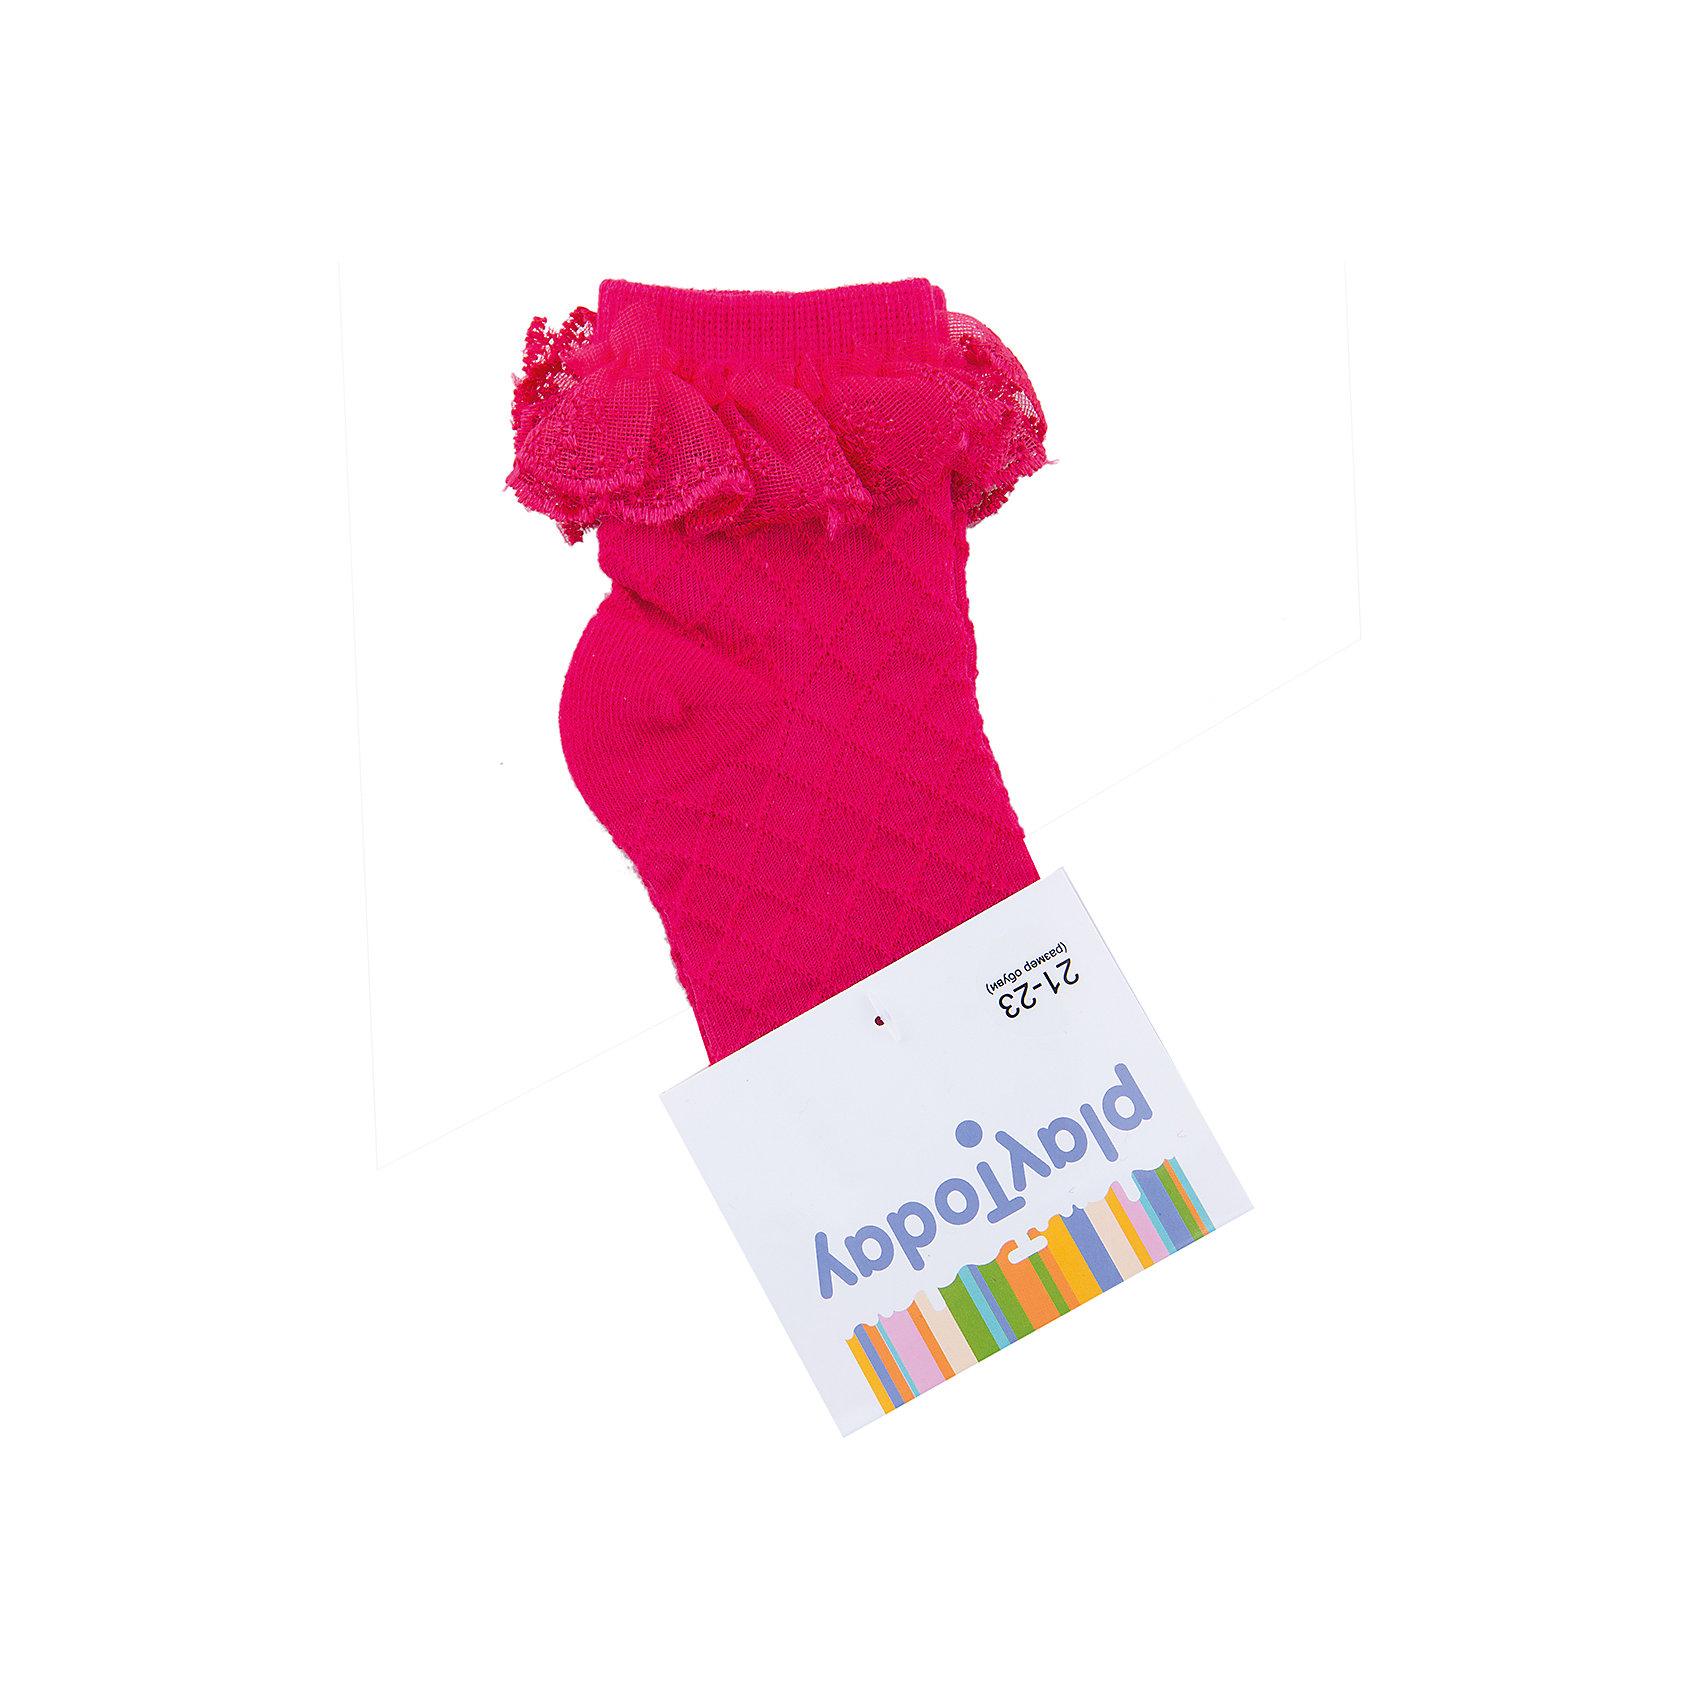 Носки для девочки PlayTodayНосочки и колготки<br>Носки для девочки PlayToday<br>Носки очень мягкие, из качественных материалов, приятны к телу и не сковывают движений. Хорошо пропускают воздух, тем самым позволяя коже дышать.  Даже частые стирки, при условии соблюдений рекомендаций по уходу, не изменят ни форму, ни цвет изделий.Преимущества: Мягкие, выполненные из натуральных материалов, приятны к телу, не сковывают движенийХорошо пропускают воздух, позволяя тем самым коже дышатьДаже частые стирки, при условии соблюдений рекомендаций по уходу, не изменят ни форму, ни цвет изделия<br>Состав:<br>75% хлопок, 22% нейлон, 3% эластан<br><br>Ширина мм: 87<br>Глубина мм: 10<br>Высота мм: 105<br>Вес г: 115<br>Цвет: розовый<br>Возраст от месяцев: 84<br>Возраст до месяцев: 96<br>Пол: Женский<br>Возраст: Детский<br>Размер: 18,14,16<br>SKU: 5404537